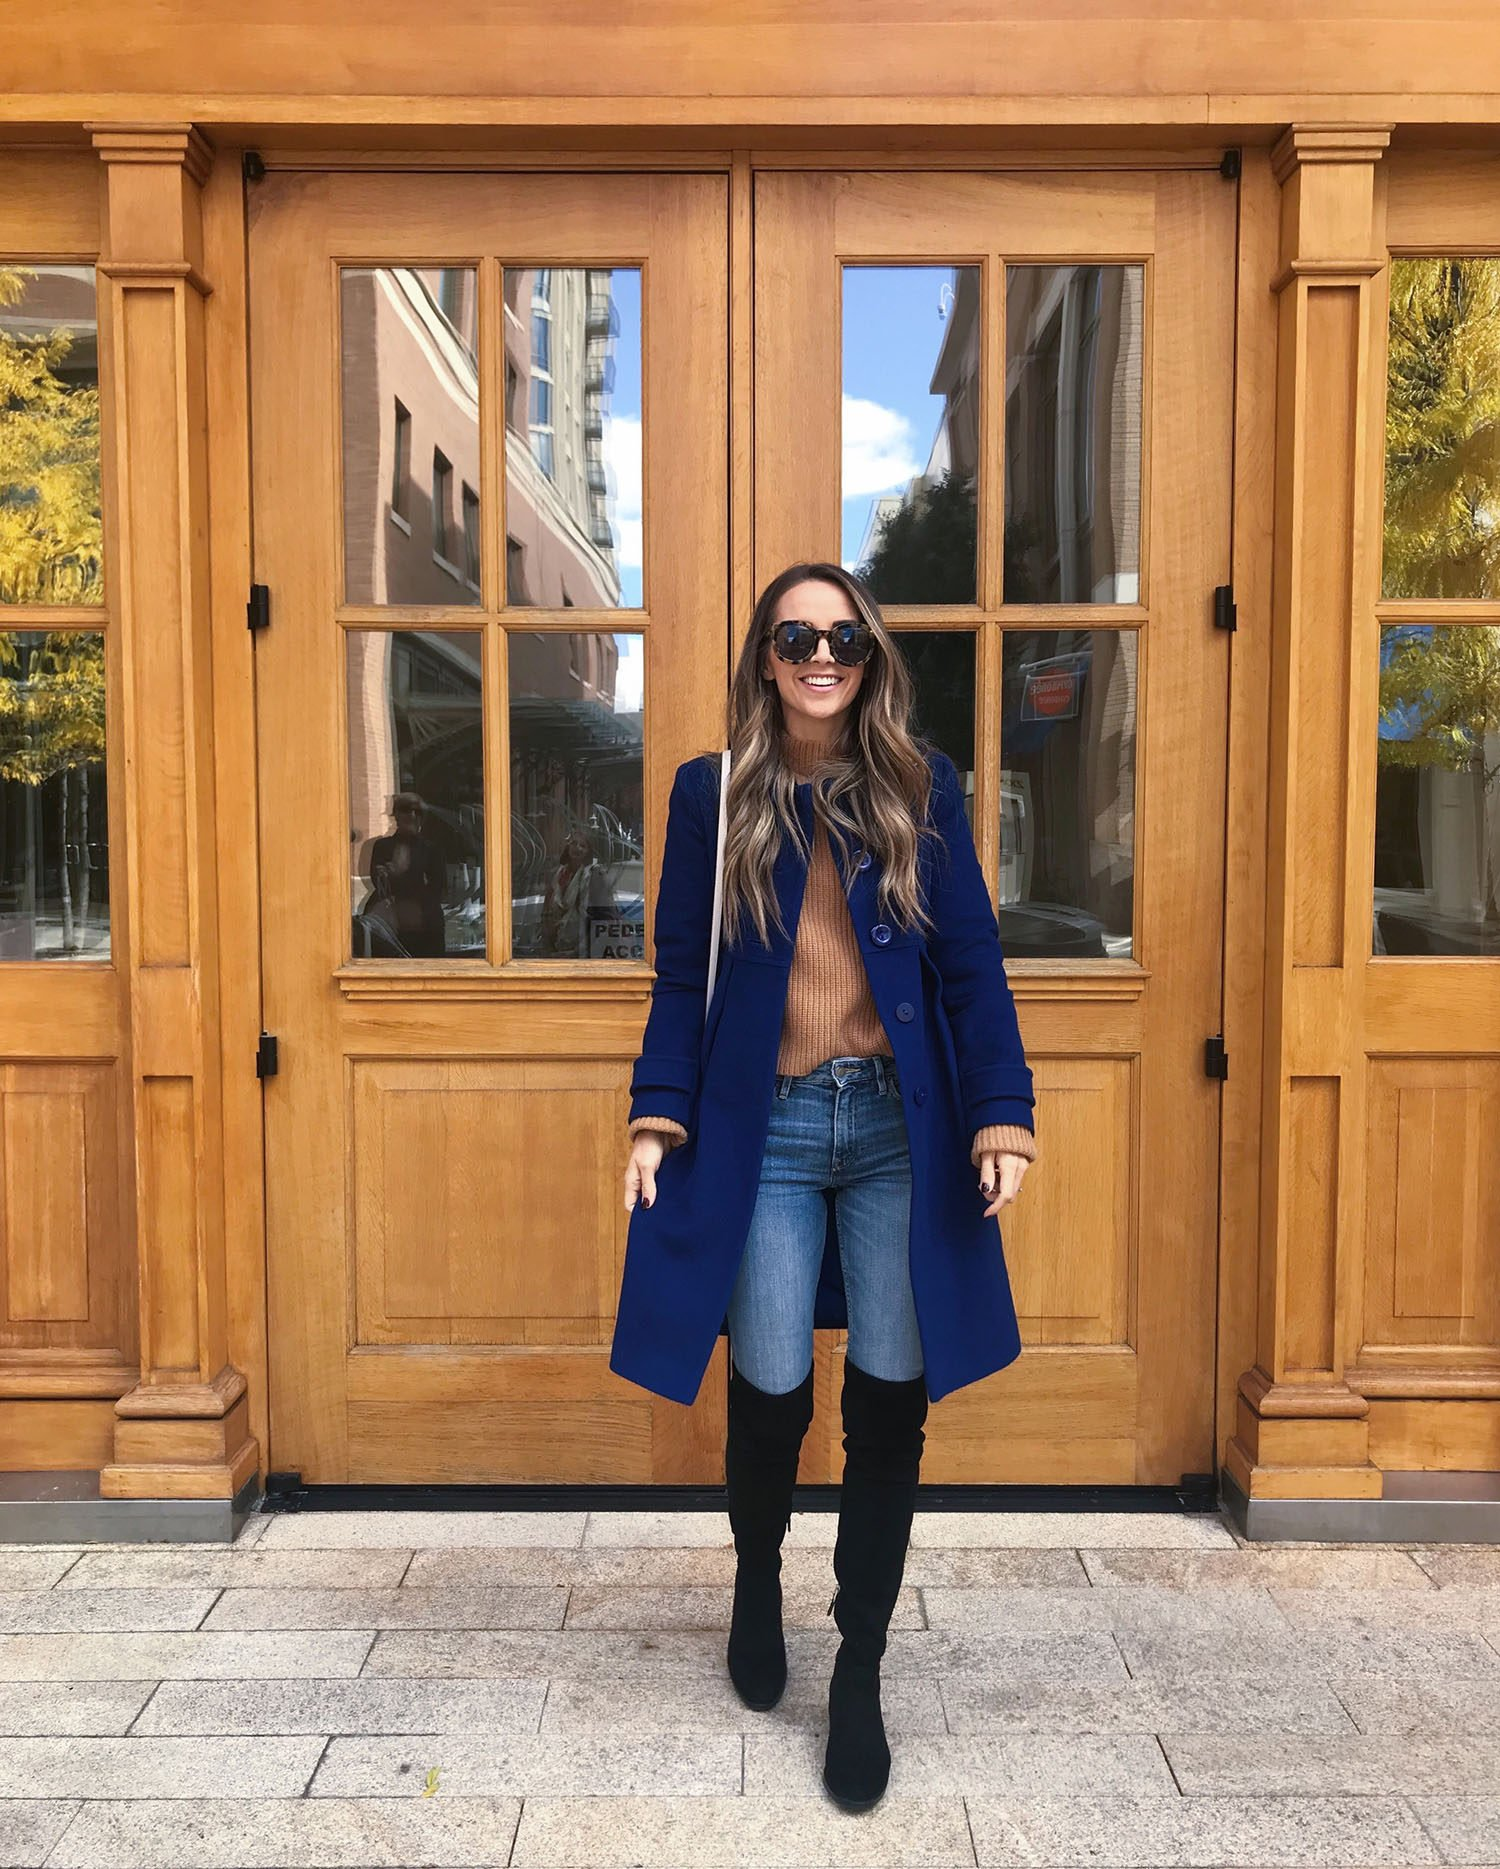 blue jacket and otk boots | merricksart.com